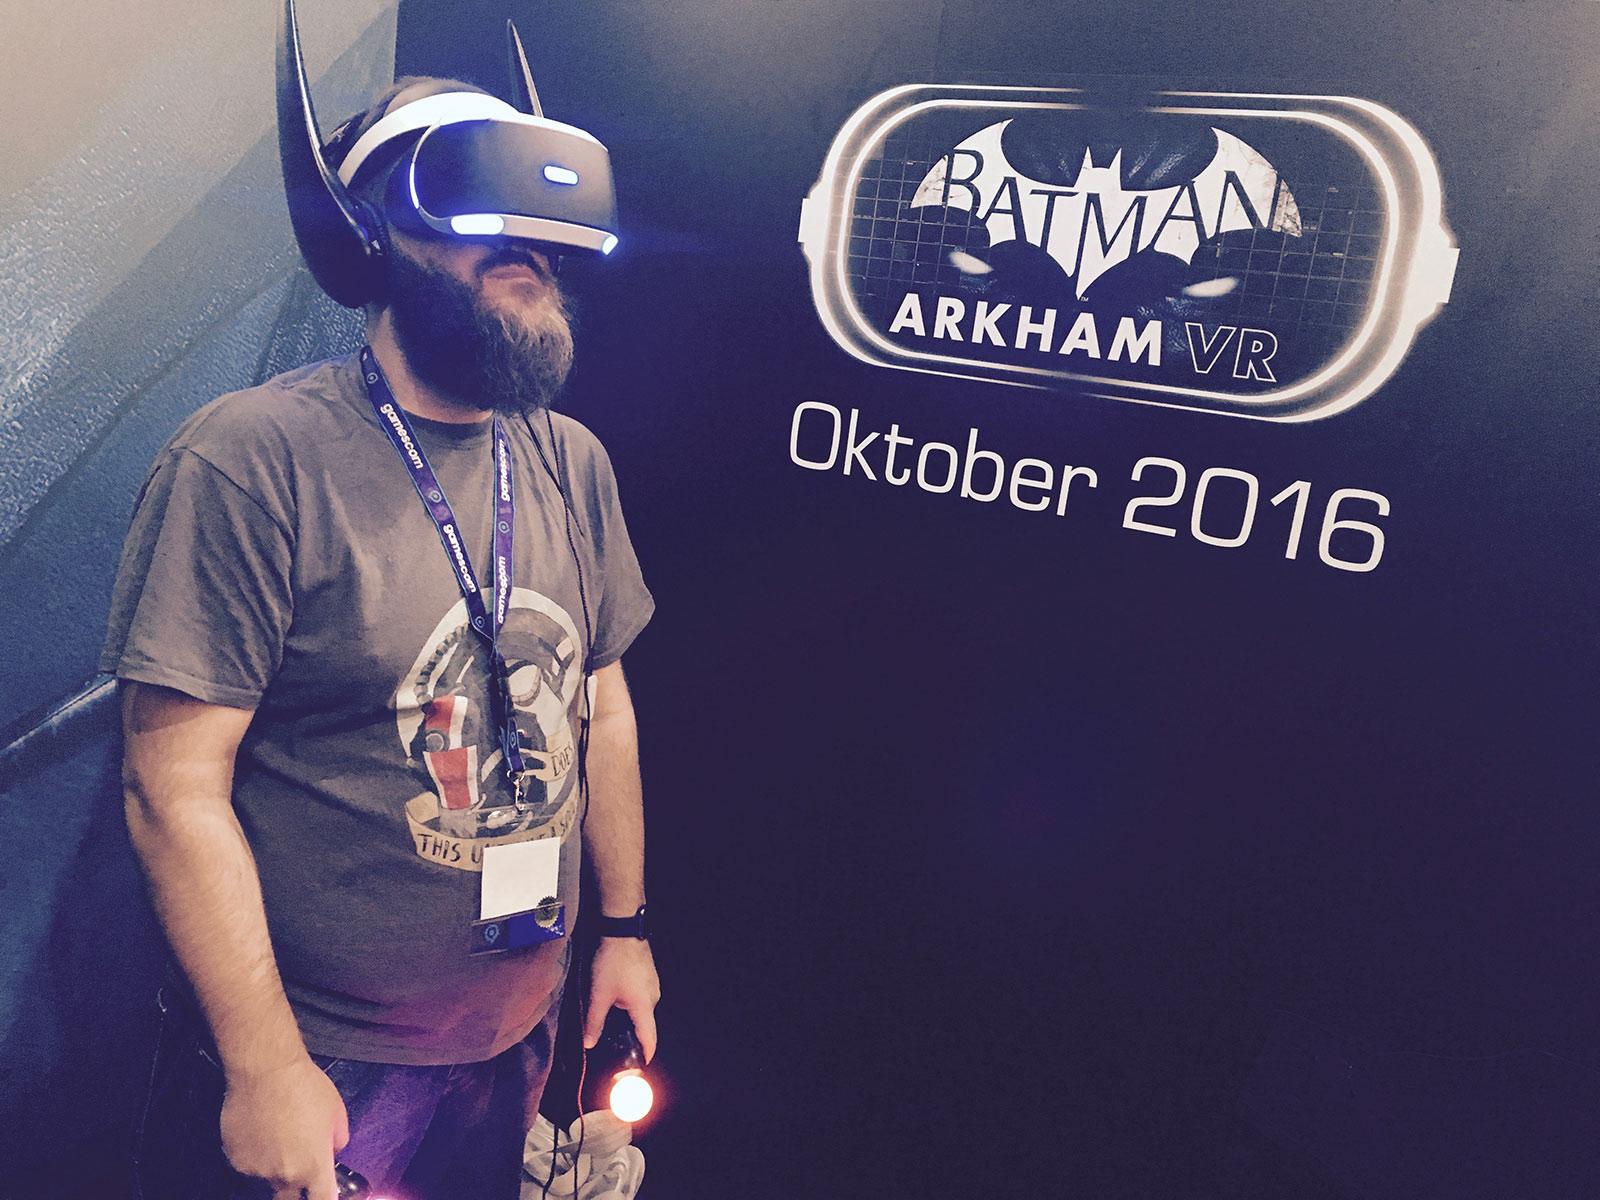 Batman VR wird mit dem Playstation VR Headset gespielt